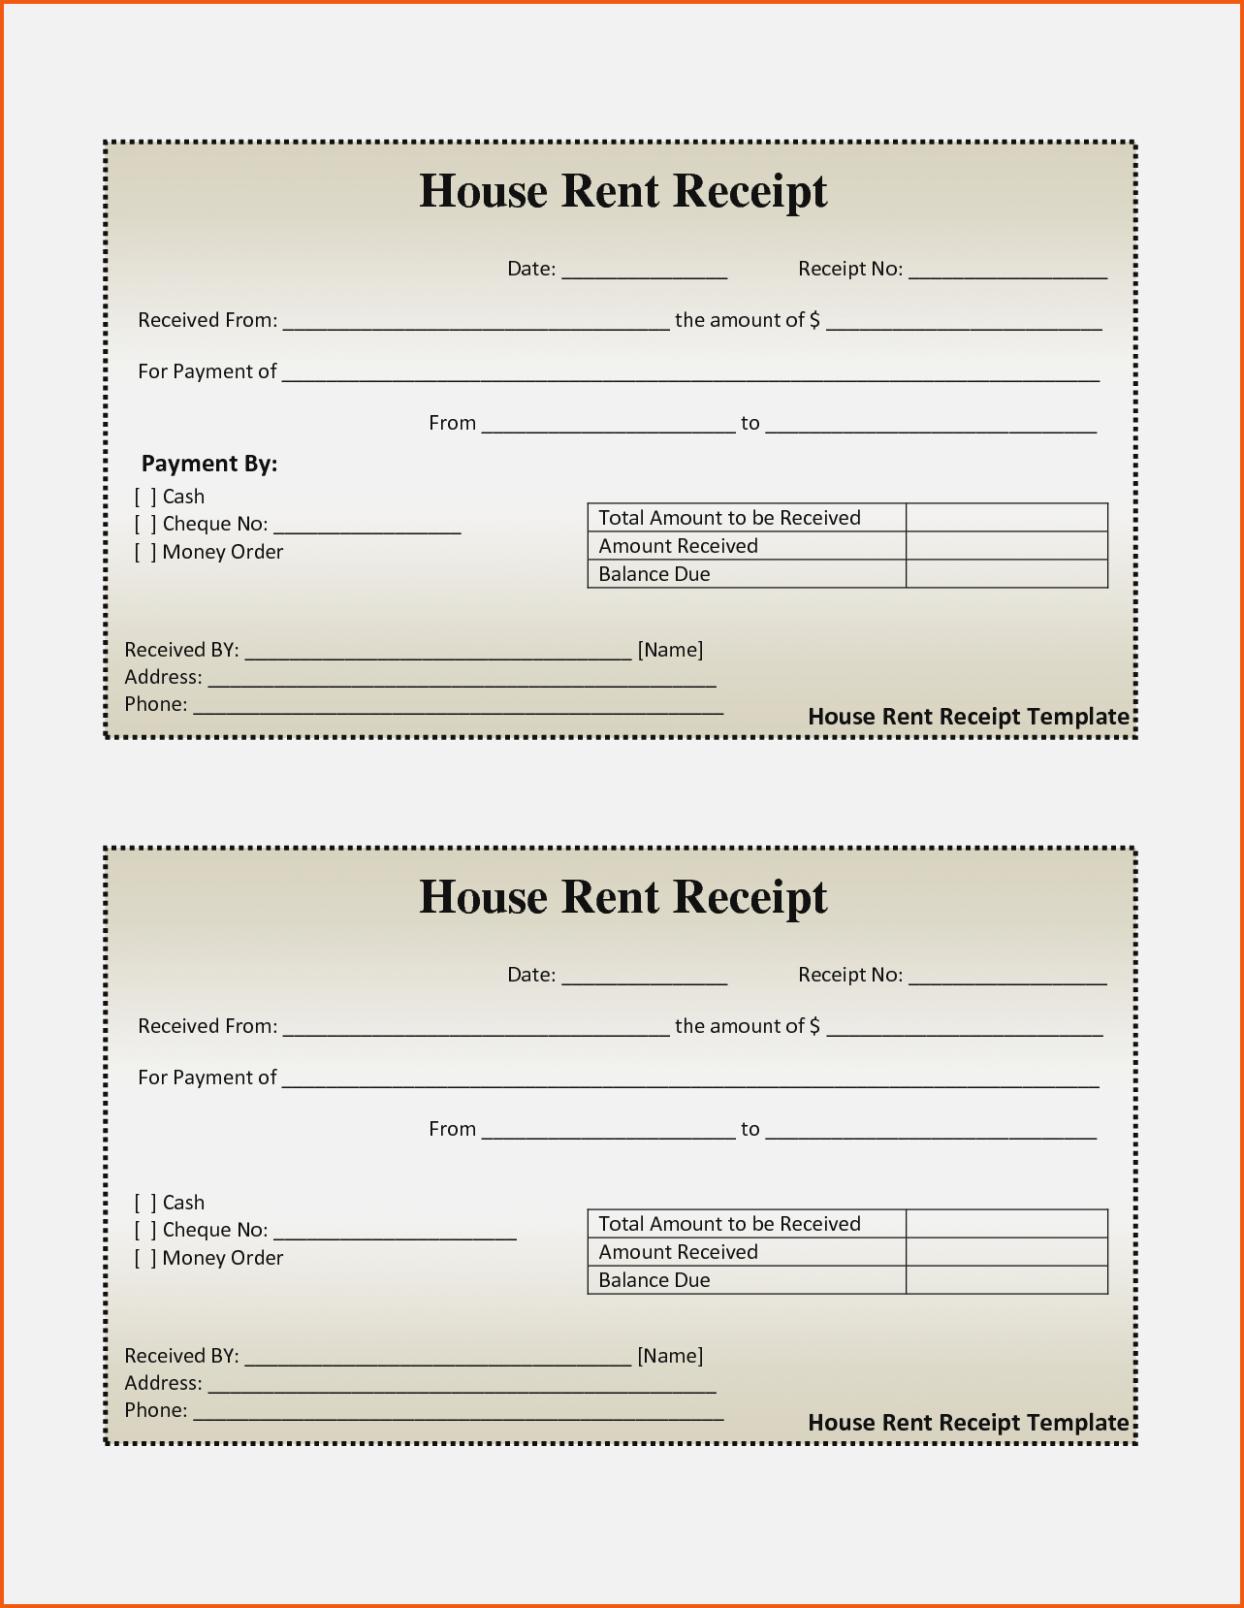 New Printable Rent Receipts Xlstemplate Xlsformats Docummenttempelate Exceltemplate Microsoftexcel Receipt Template Free Receipt Template Invoice Template